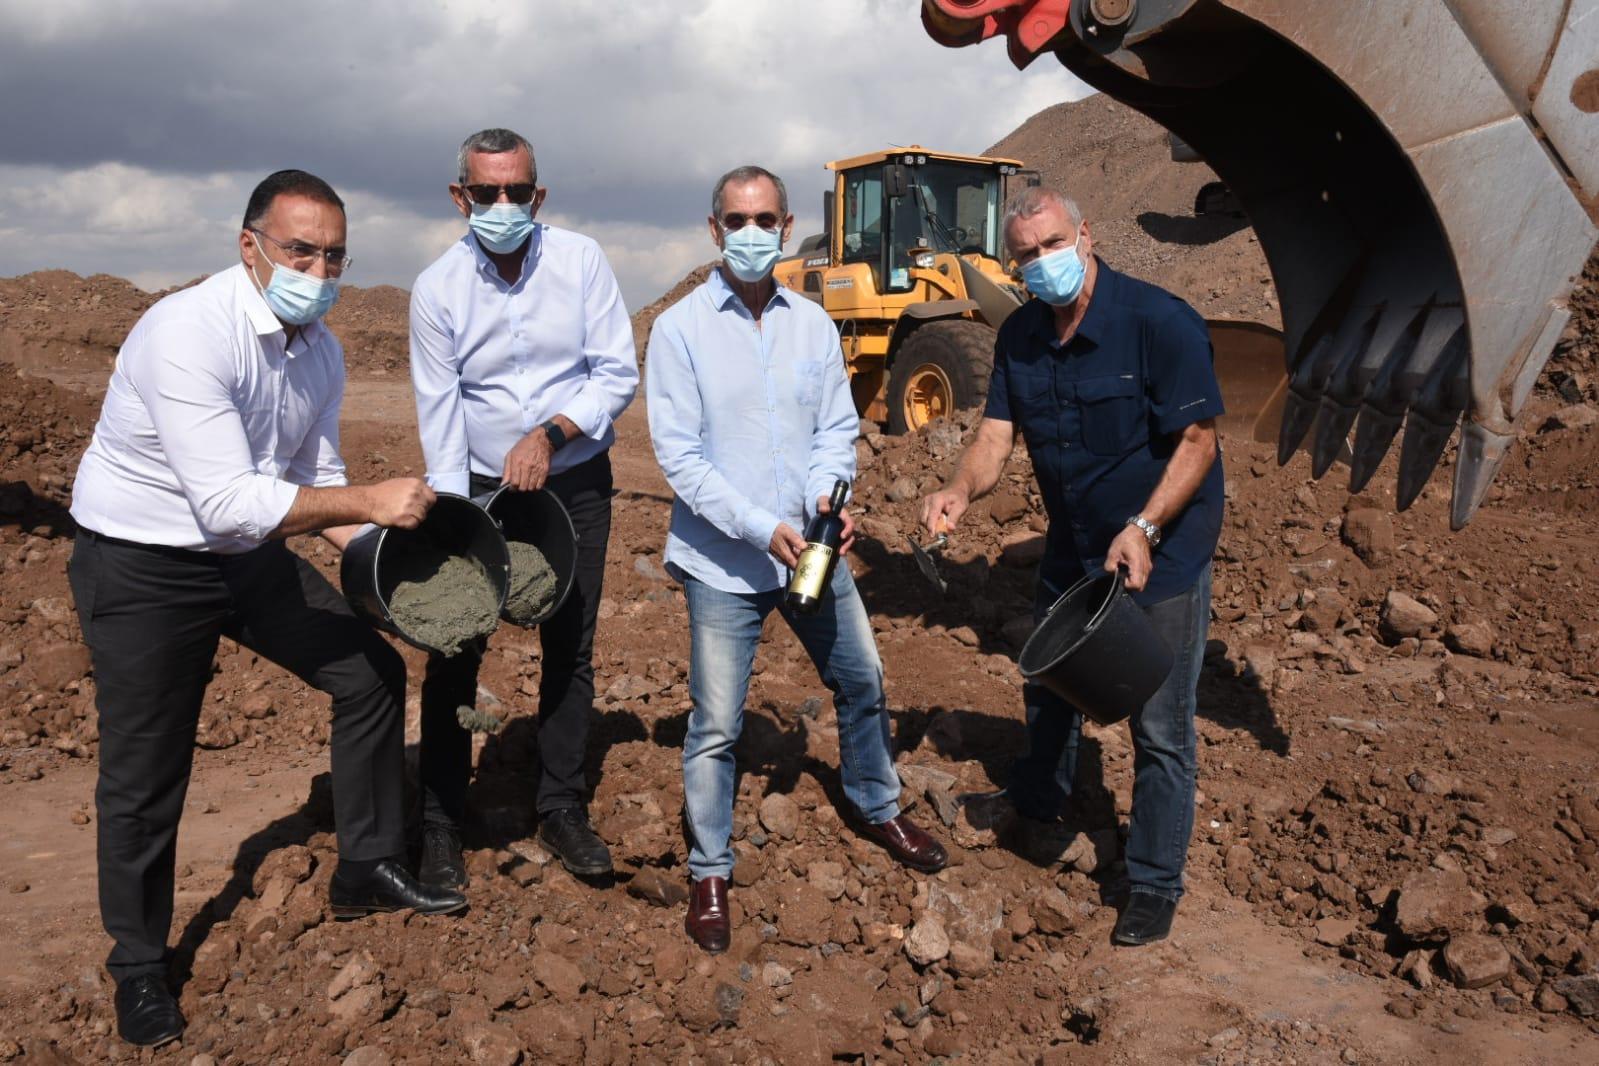 הונחה אבן הפינה להקמתו של המבנה החדש של יקב רקנאטי בפארק התעשיות דלתון בהשקעה כוללת של 50 מיליון שקלים